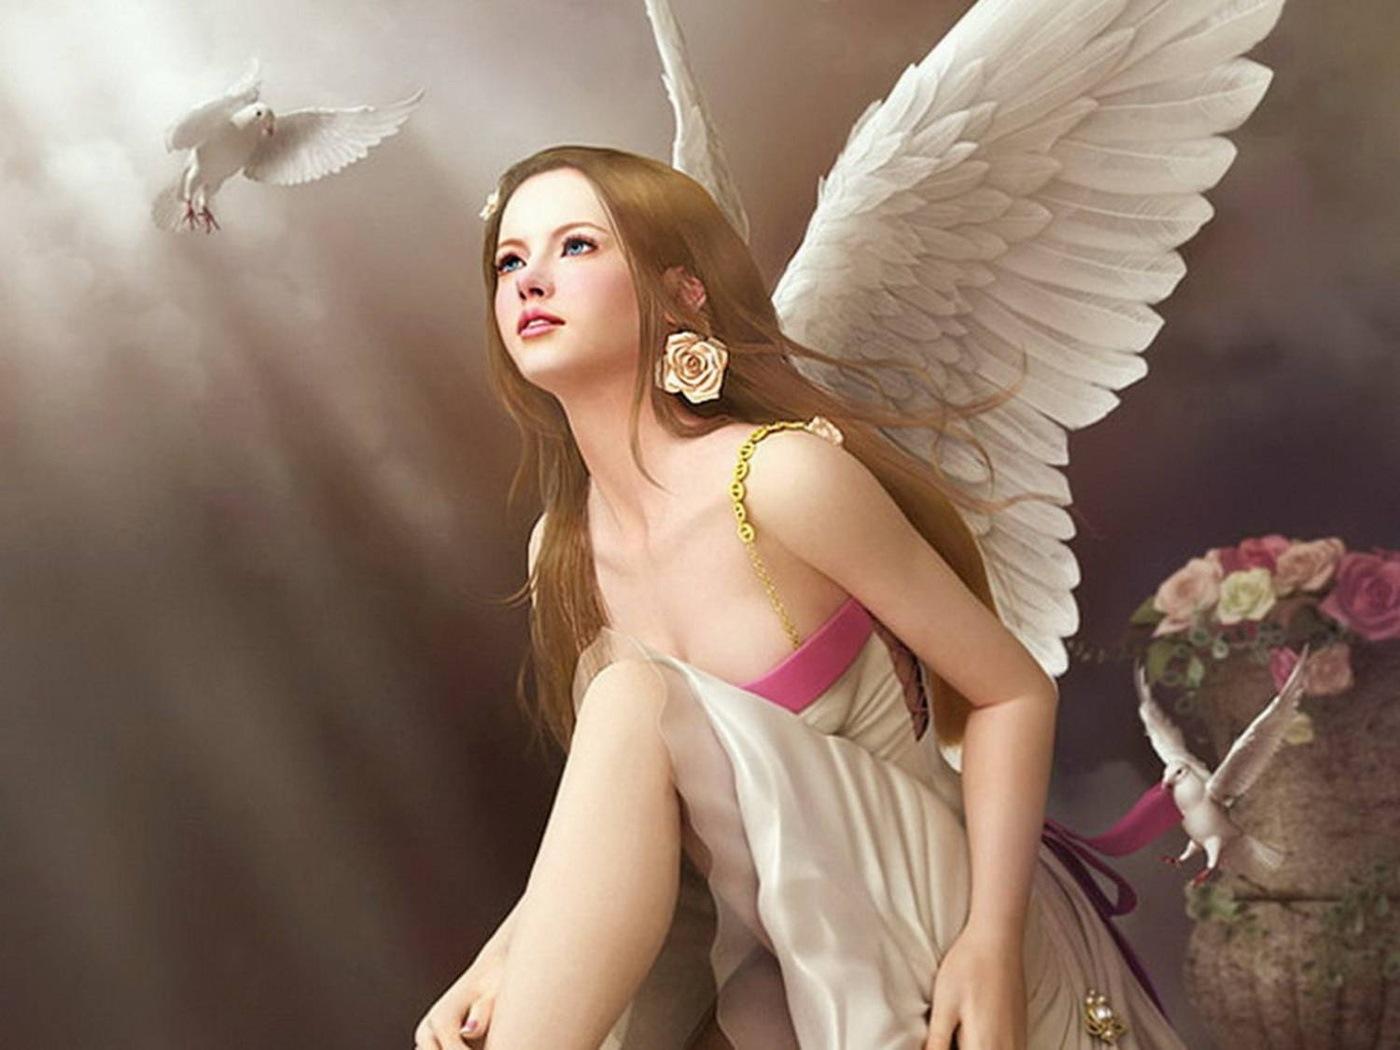 Programa para ponerle alas de angel a una foto 26